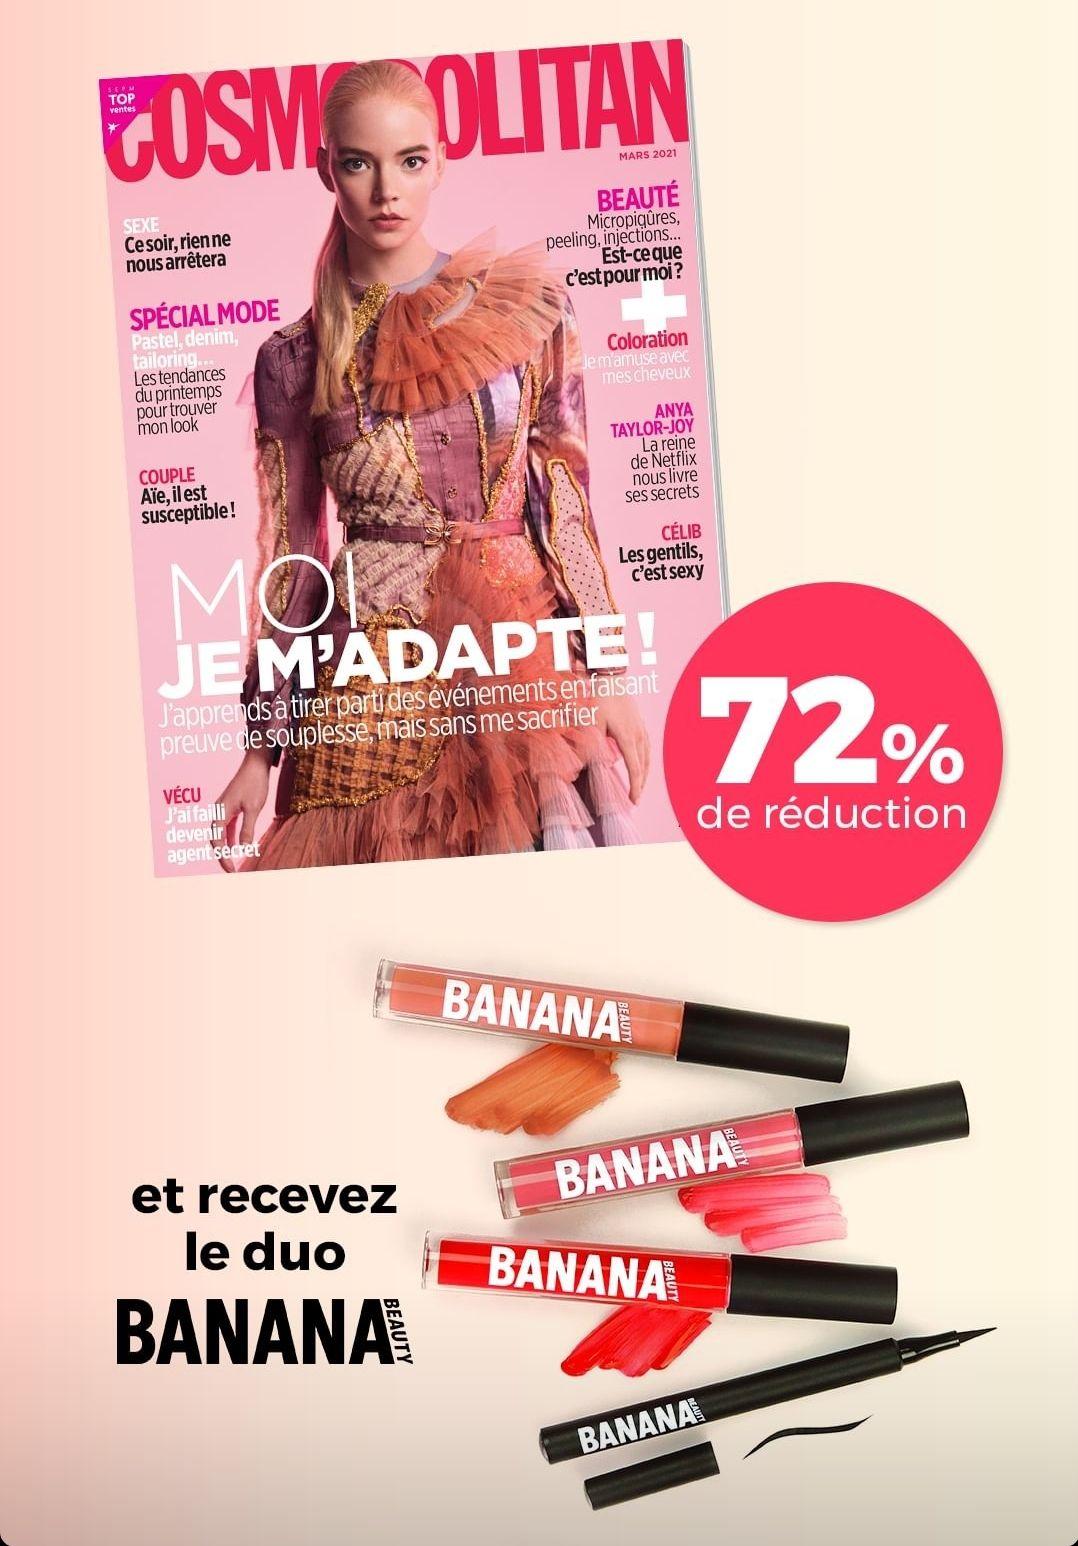 Abonnement de 12 Mois au magazine Cosmopolitan (Papier + Numérique) + un duo Banana Beauty - Magazines.fr